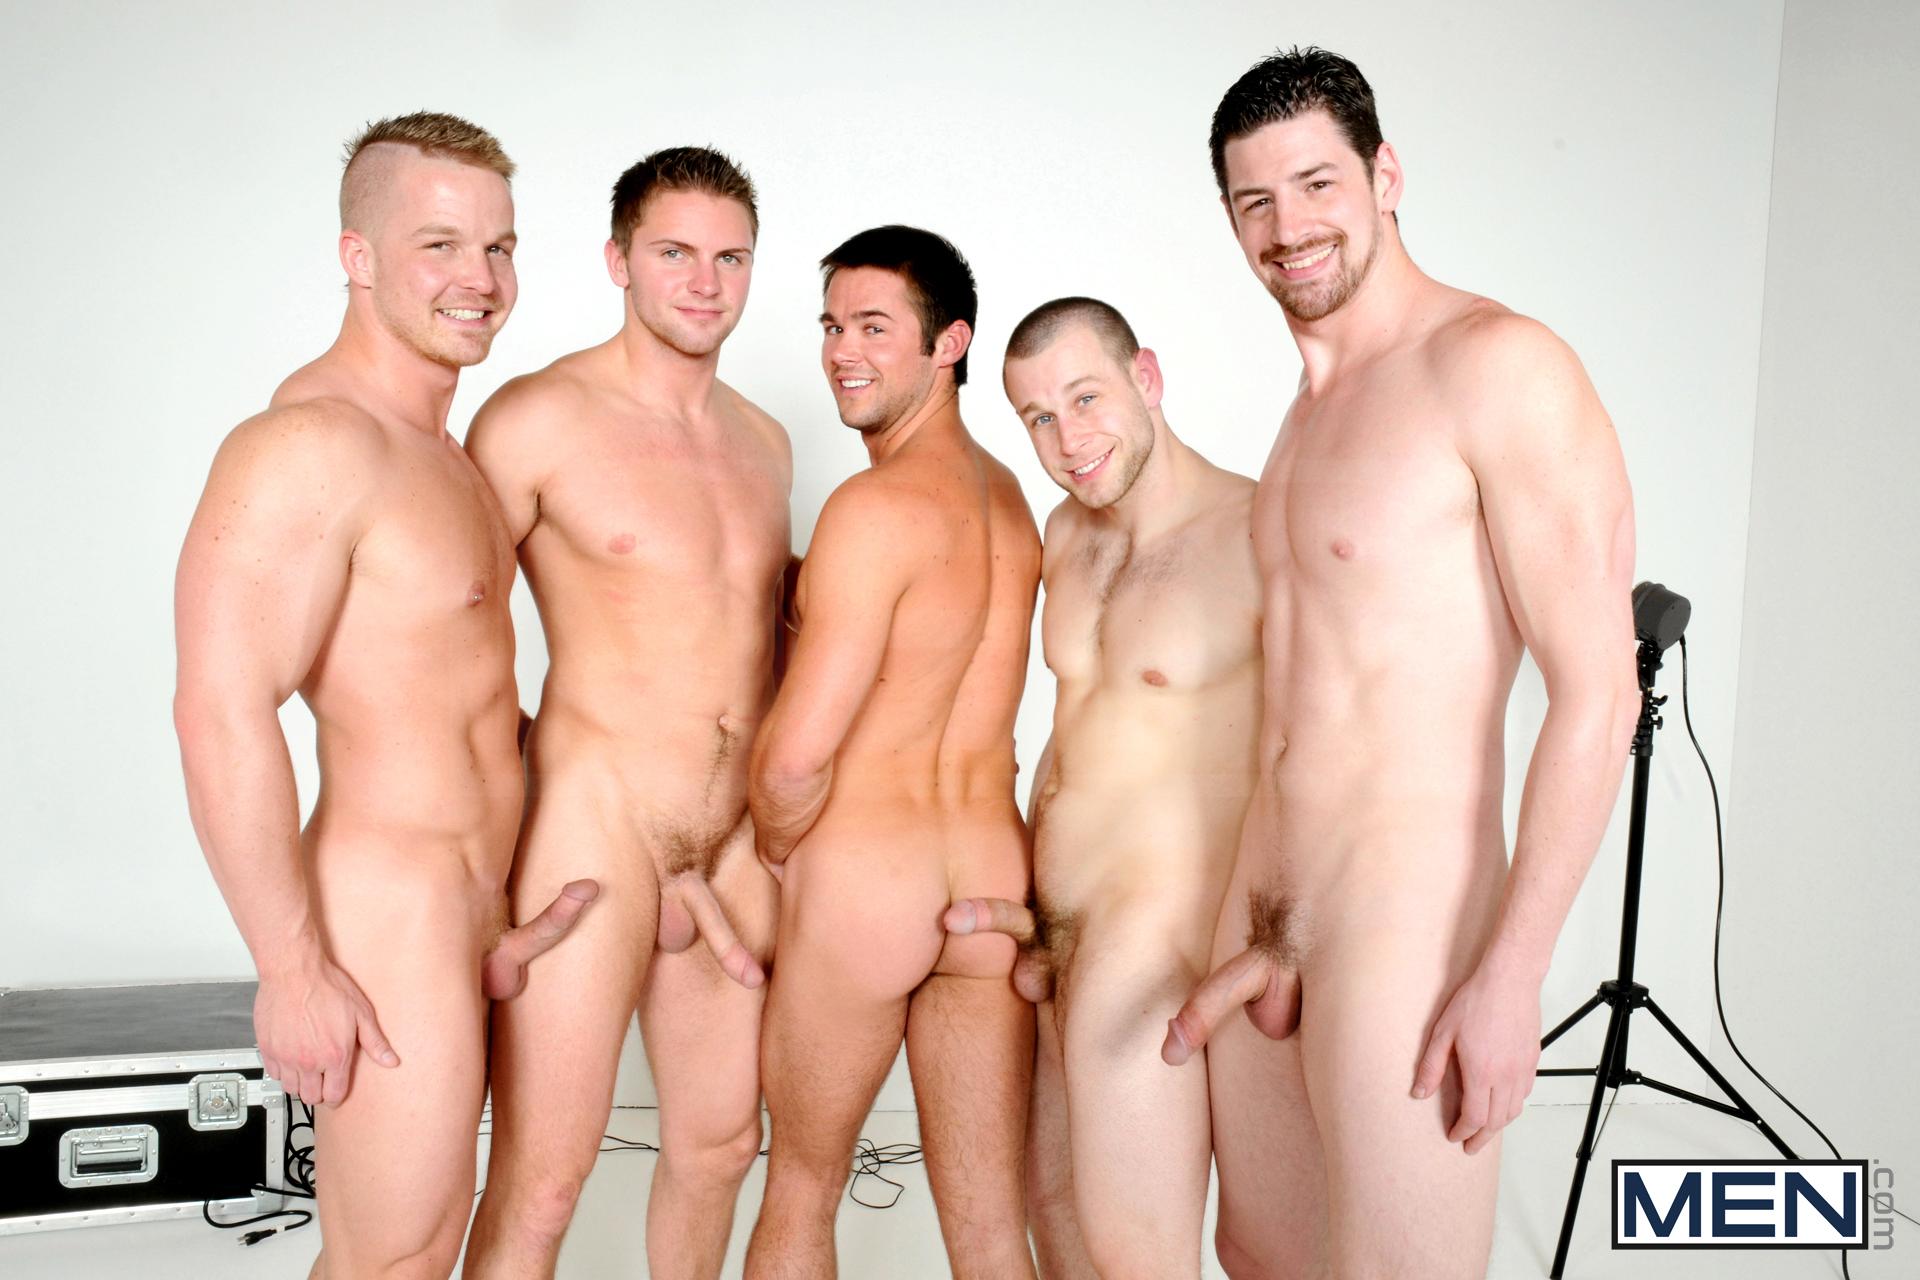 Naked men groups are mistaken